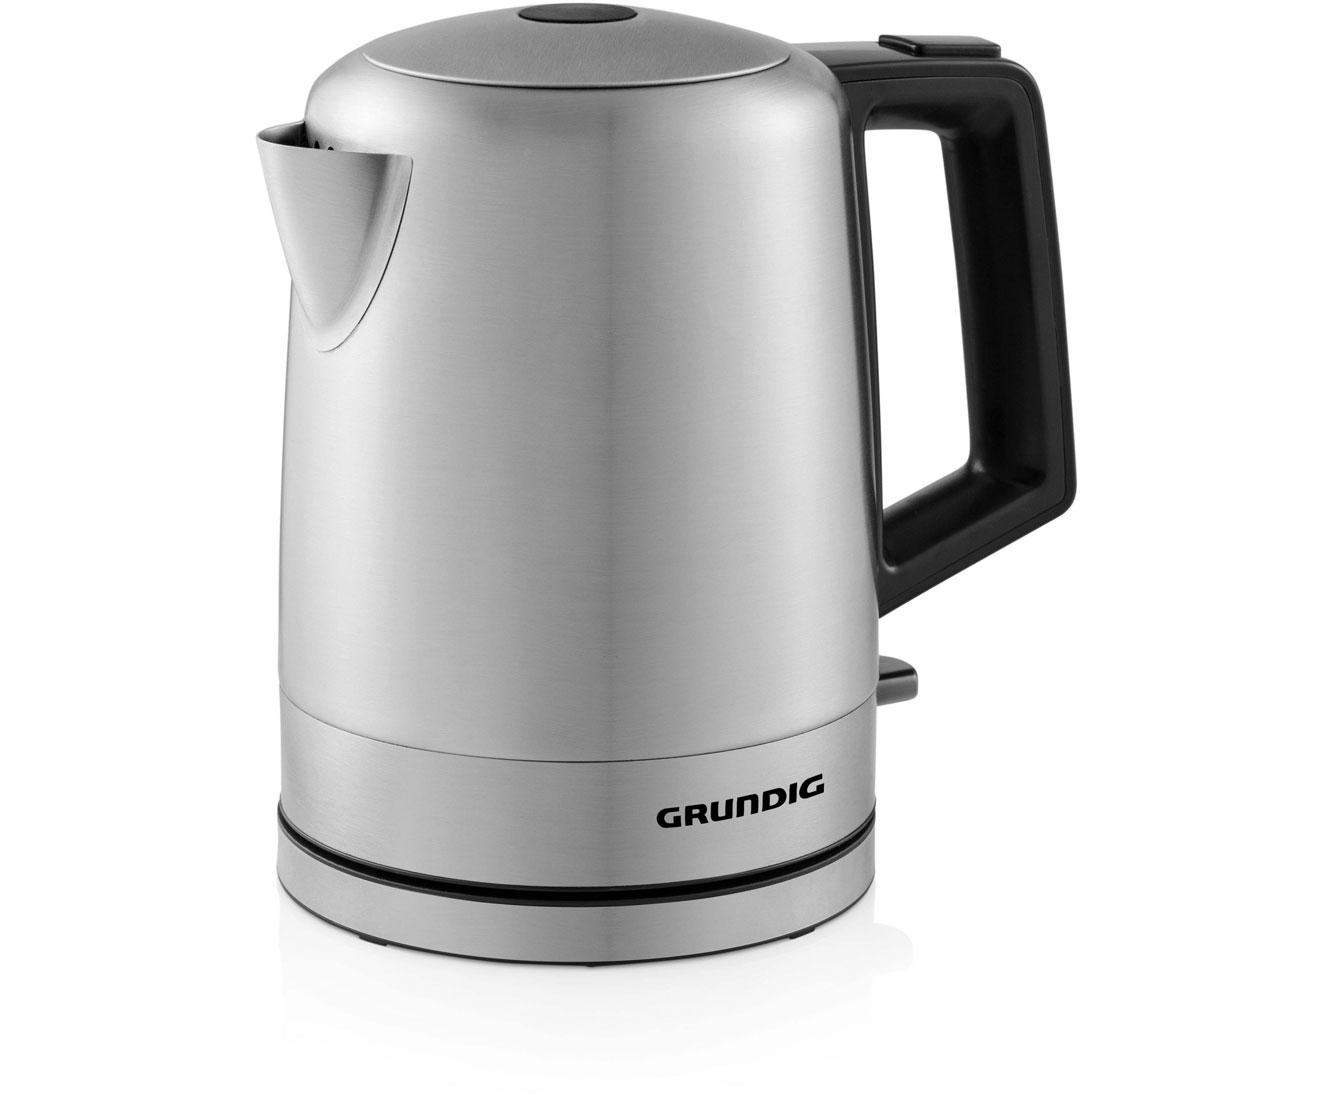 Grundig WK 4640 Wasserkocher & Toaster - Edelstahl